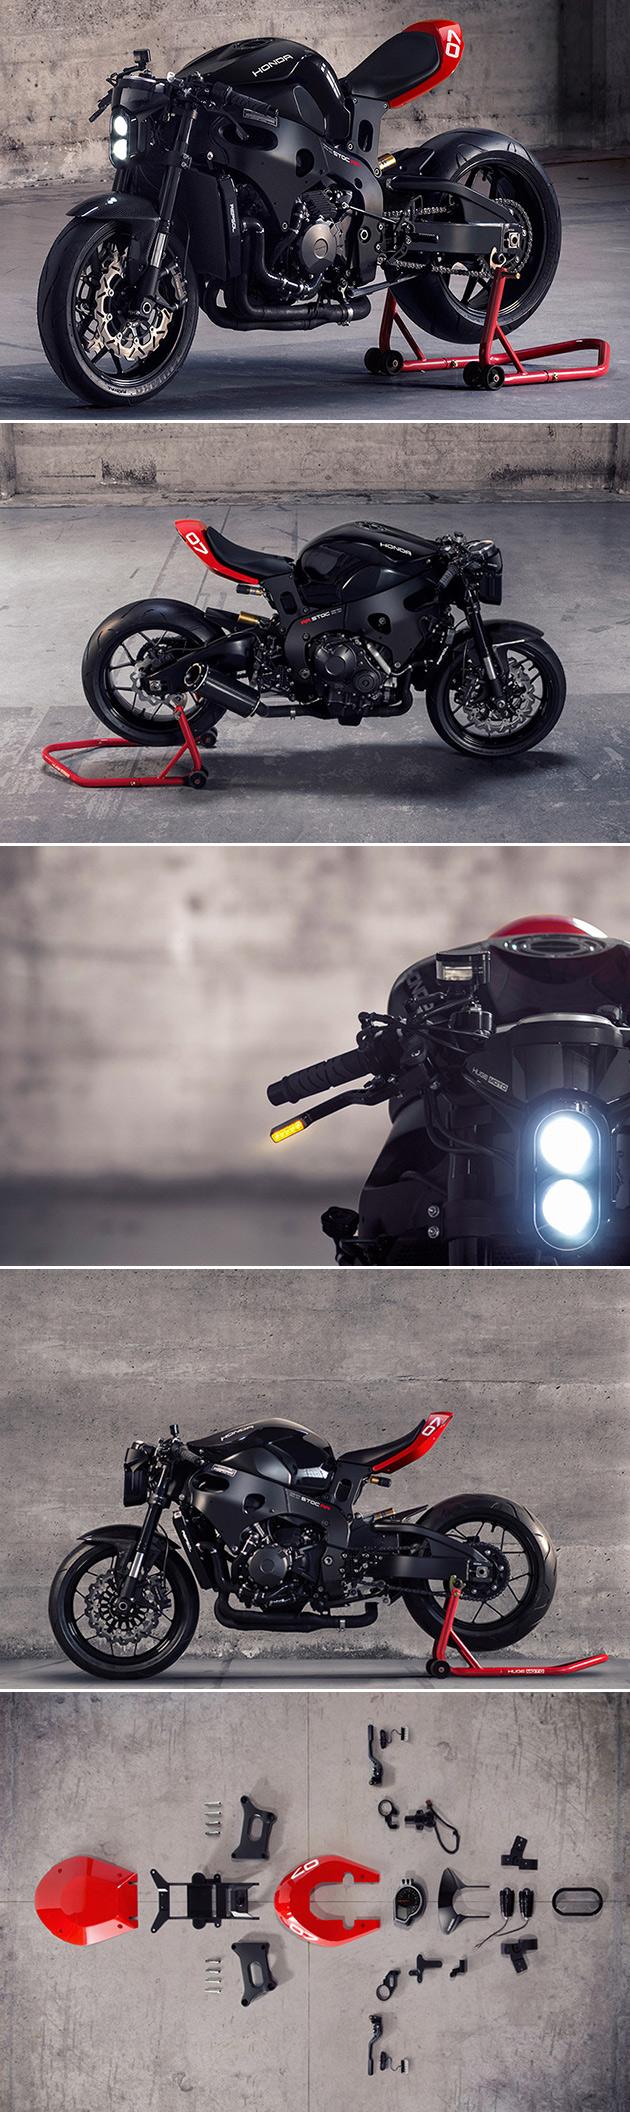 Huge MOTO